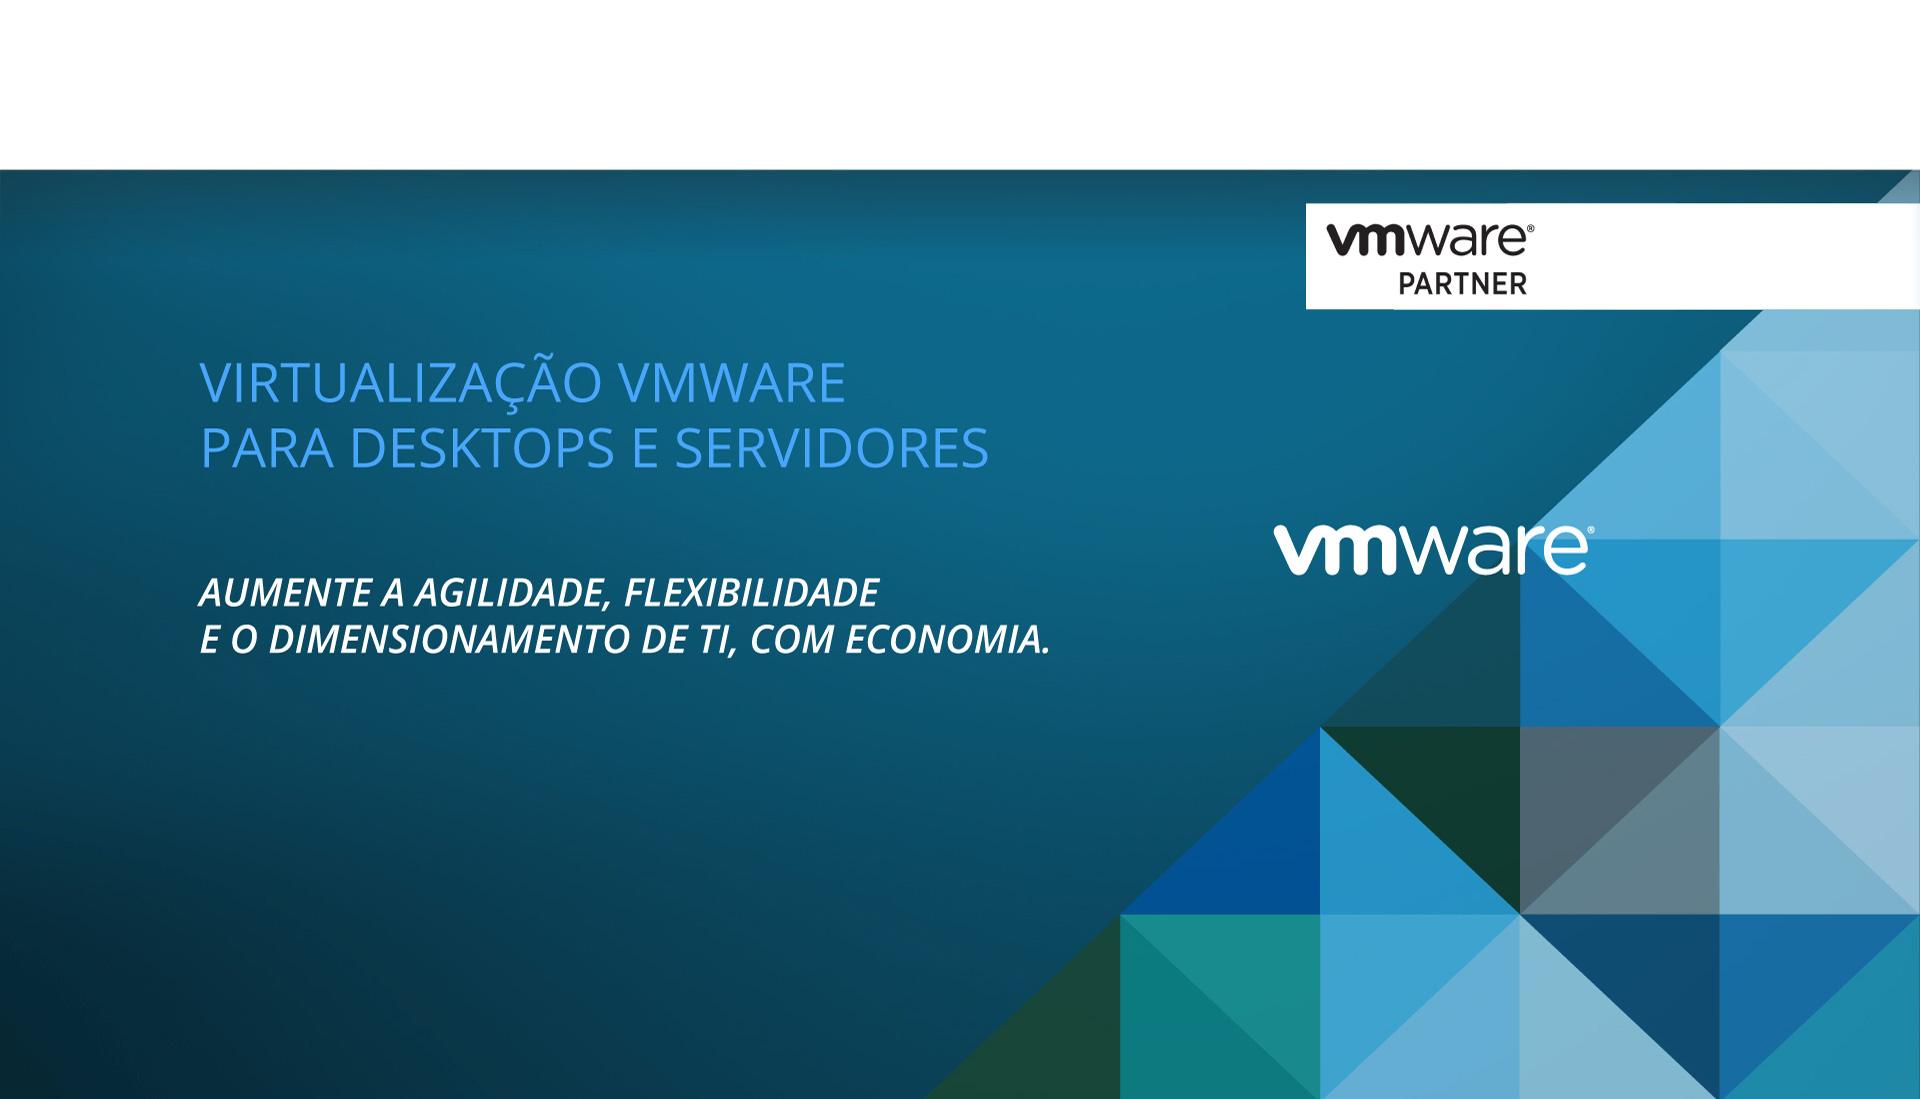 LO_VMware1